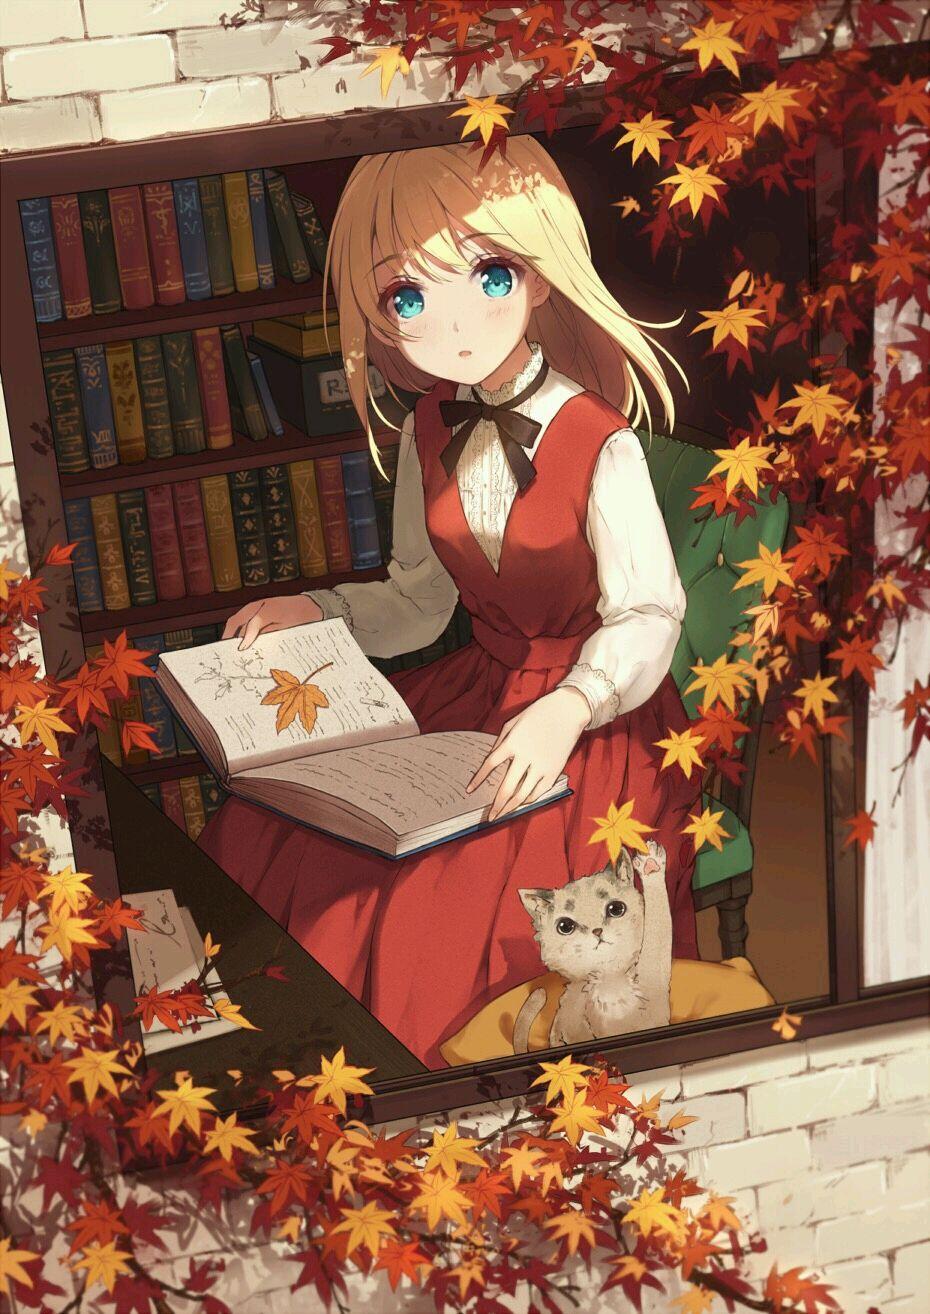 秋 Anime Anime Artwork Anime Drawings